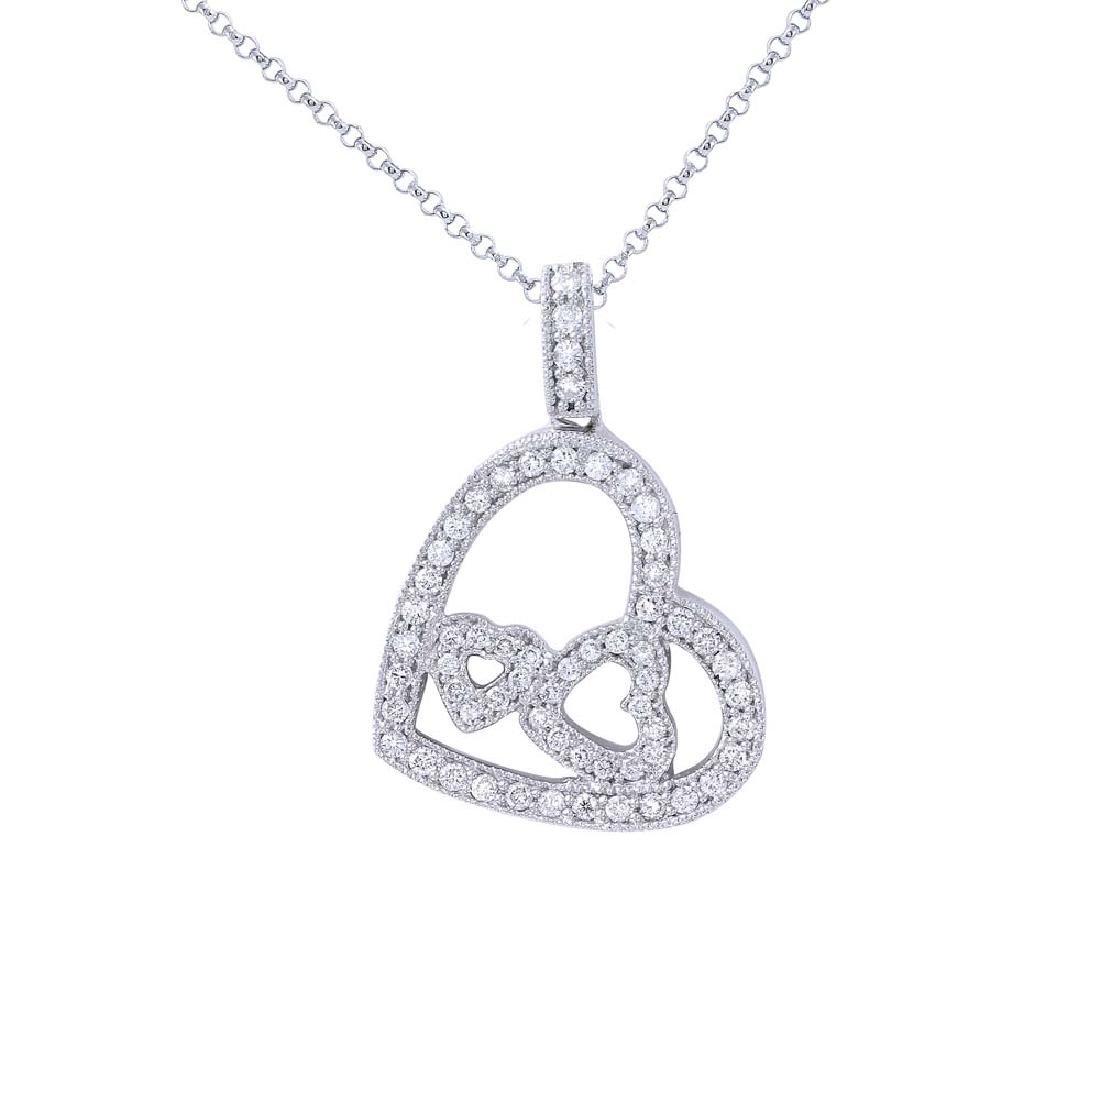 18KT White Gold Ladies Diamond Slider with Chain